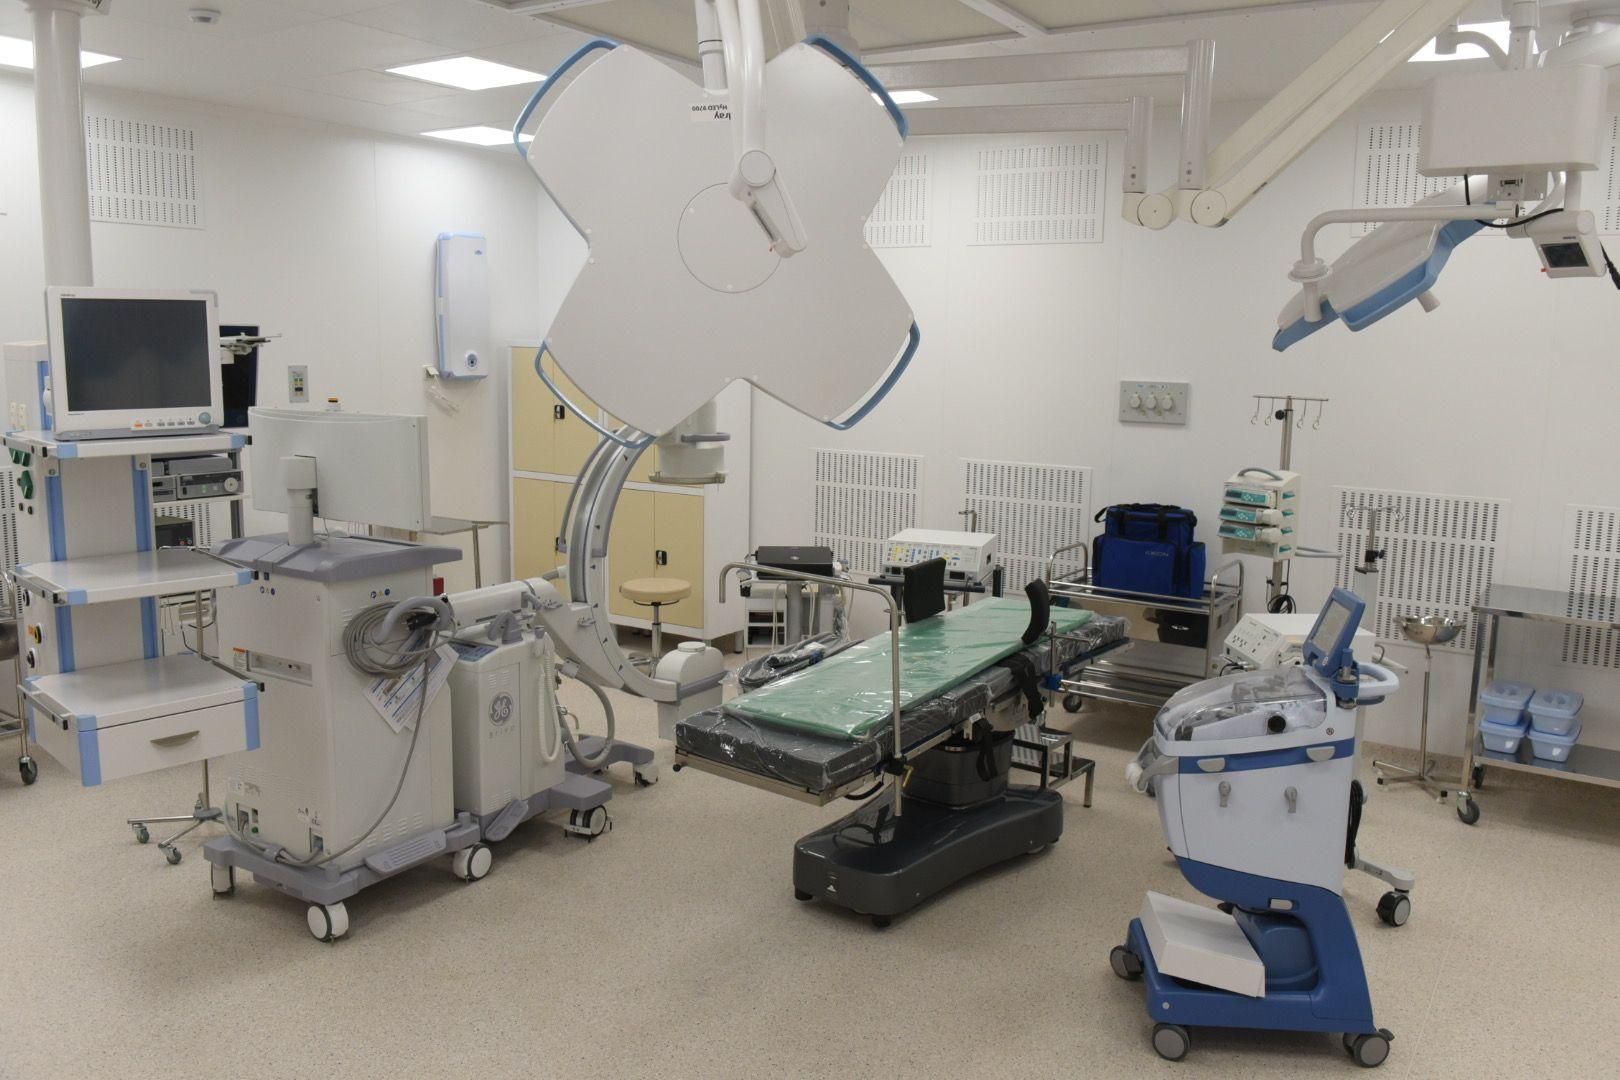 Больница в Коммунарке примет гостей столицы с симптомами ОРВИ